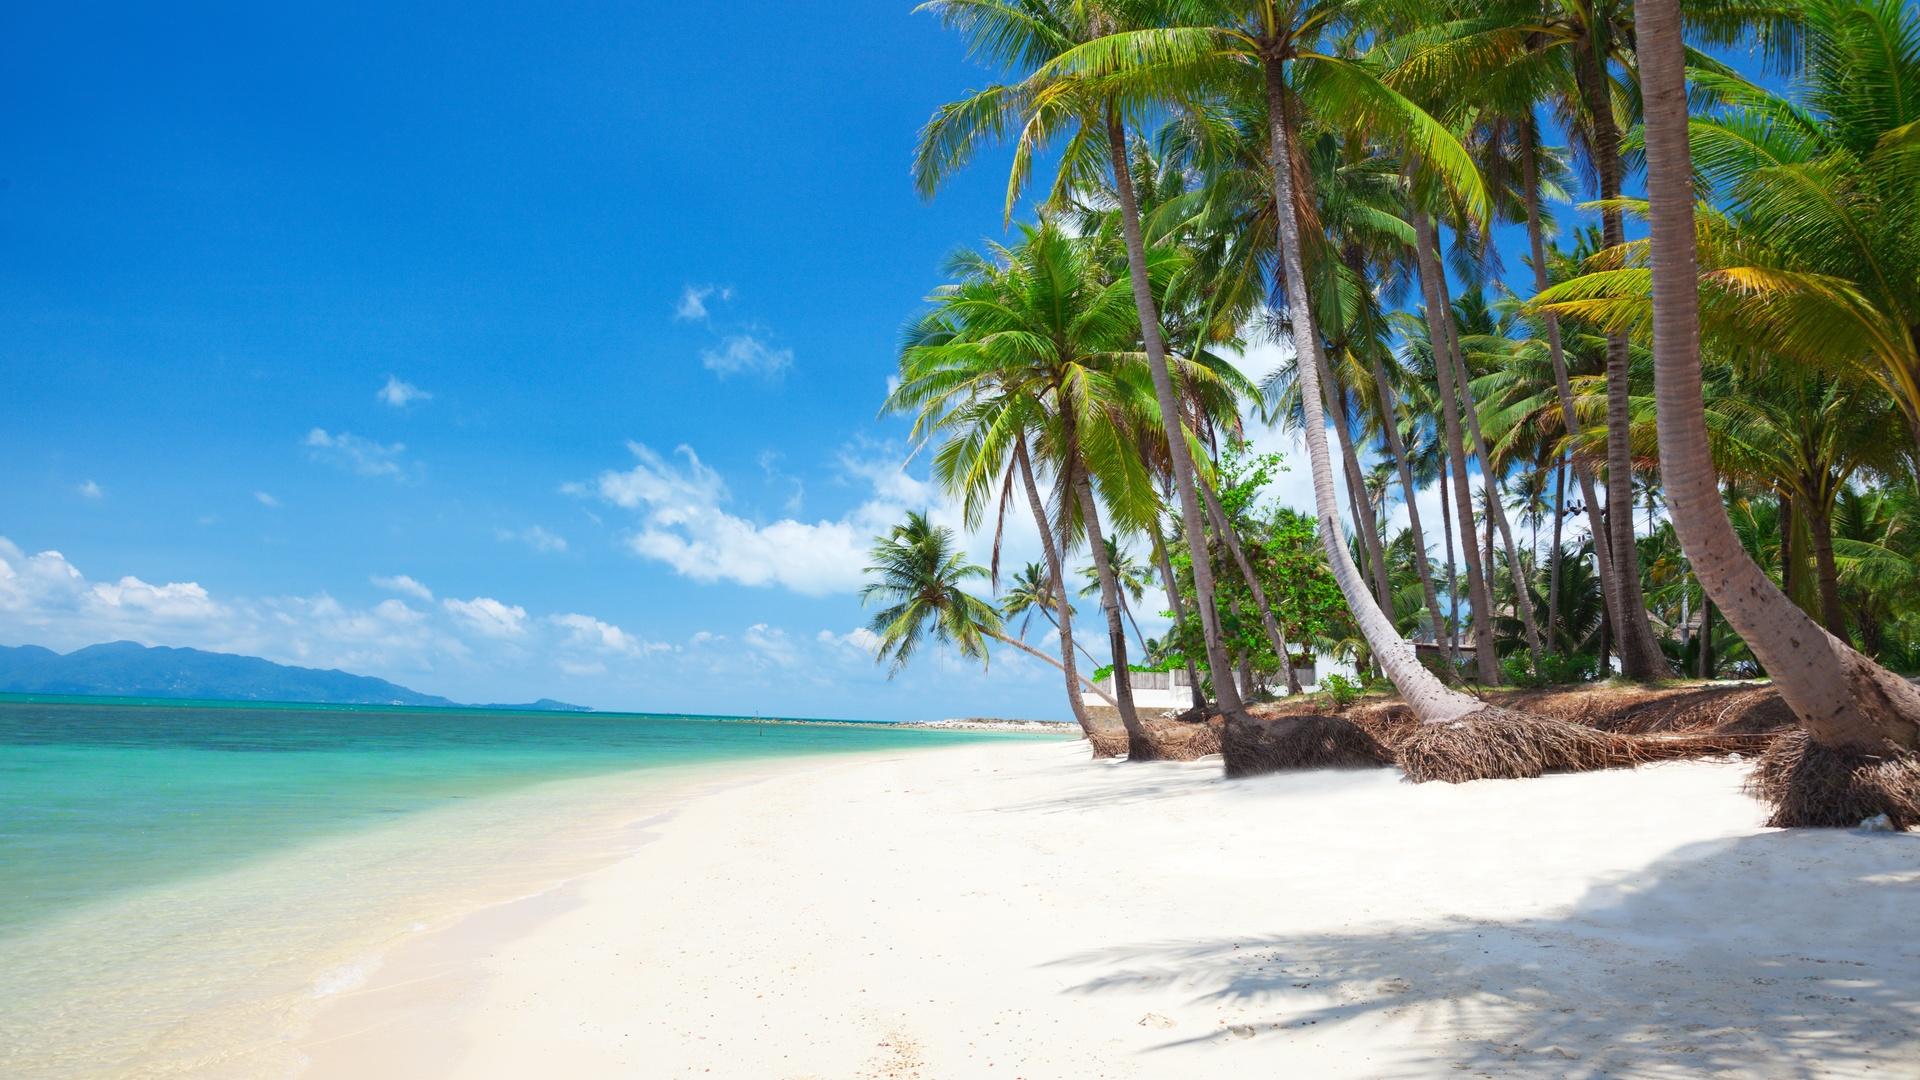 пальмы, океан, залив